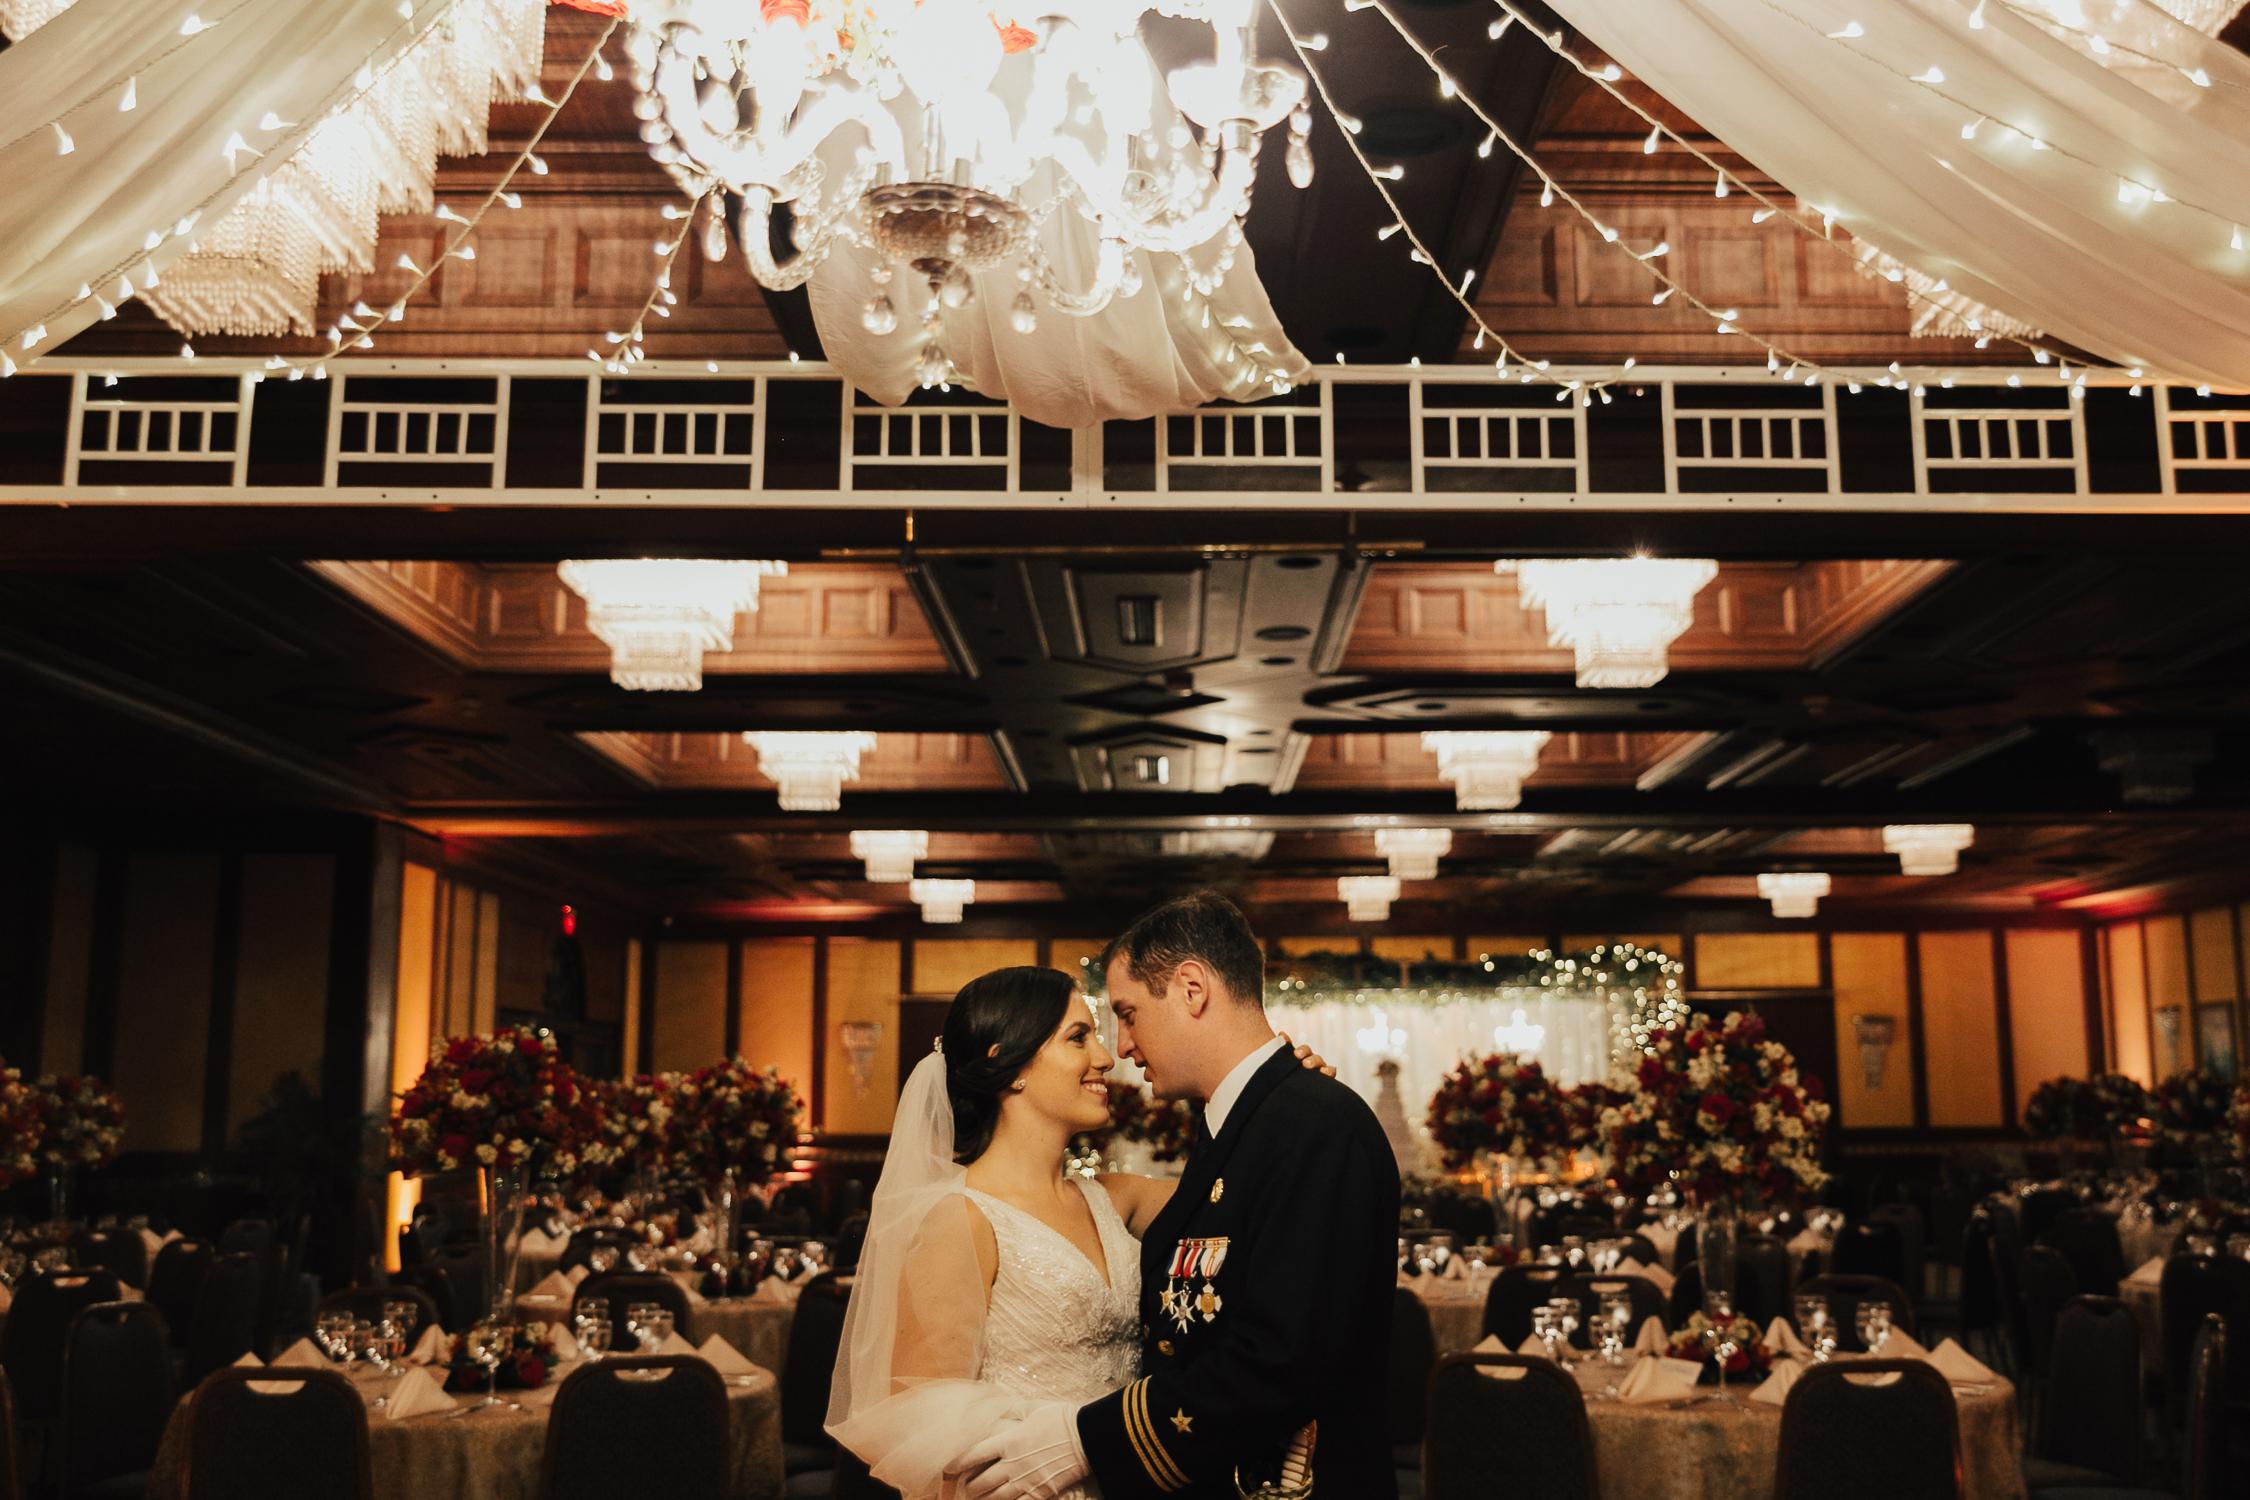 Michelle-Agurto-Fotografia-Bodas-Ecuador-Destination-Wedding-Photographer-Ecuador-Mercedes-Alvaro-140.JPG